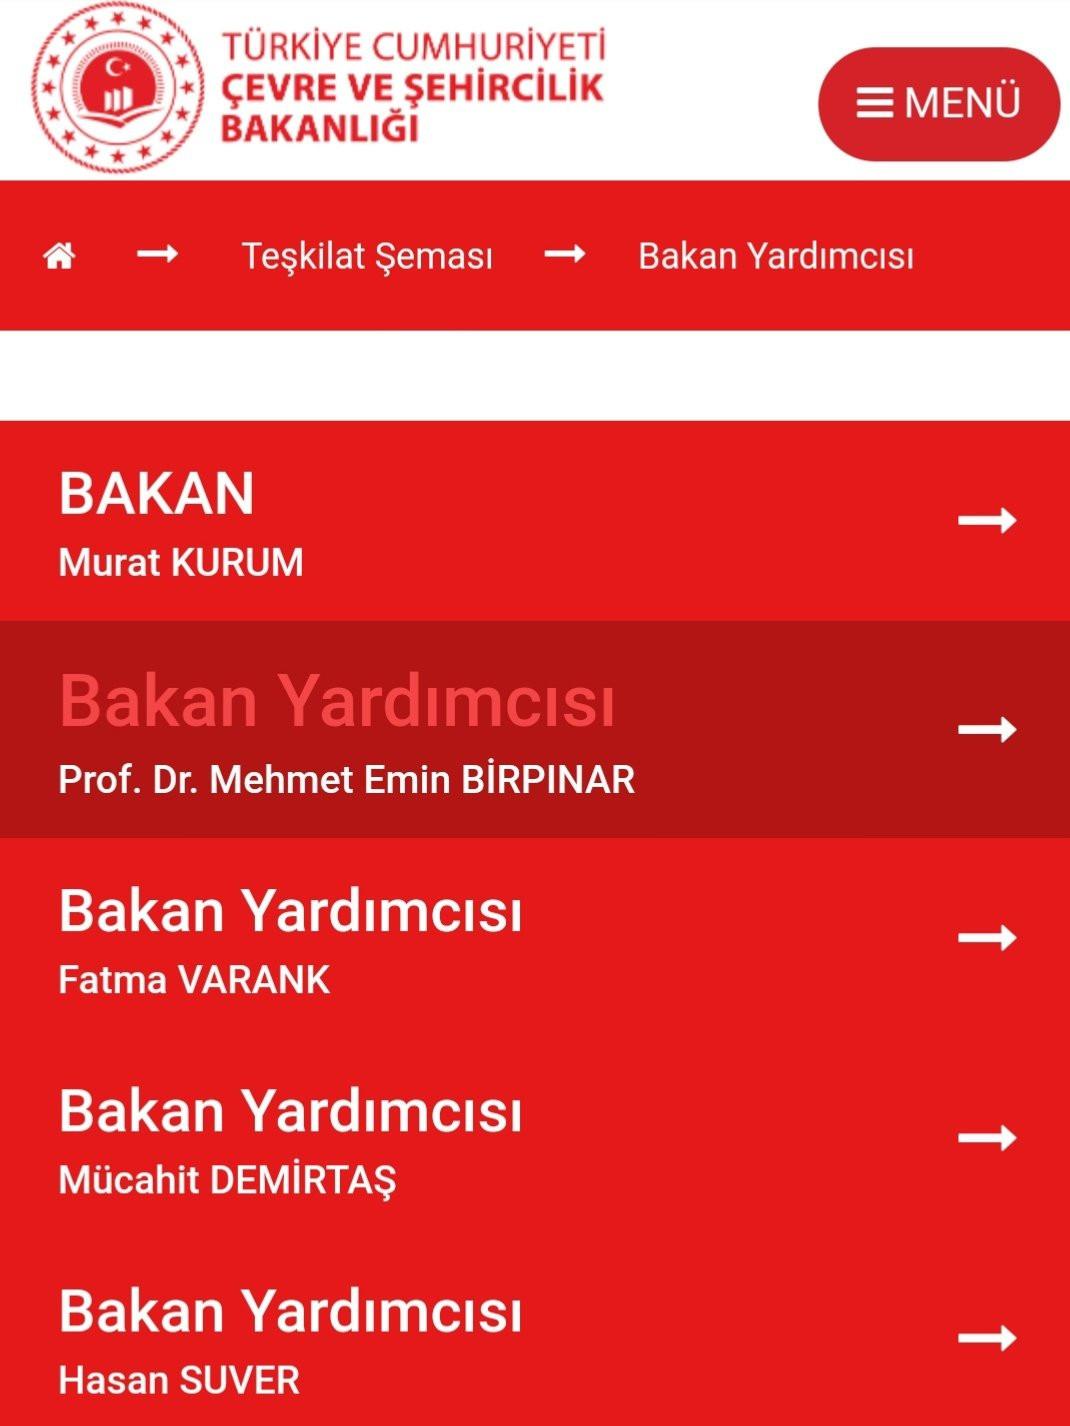 CHP'li Deniz Yavuzyılmaz paylaştı! Mehmet Emin Birpınar'ın aylık maaşı dudak uçuklattı